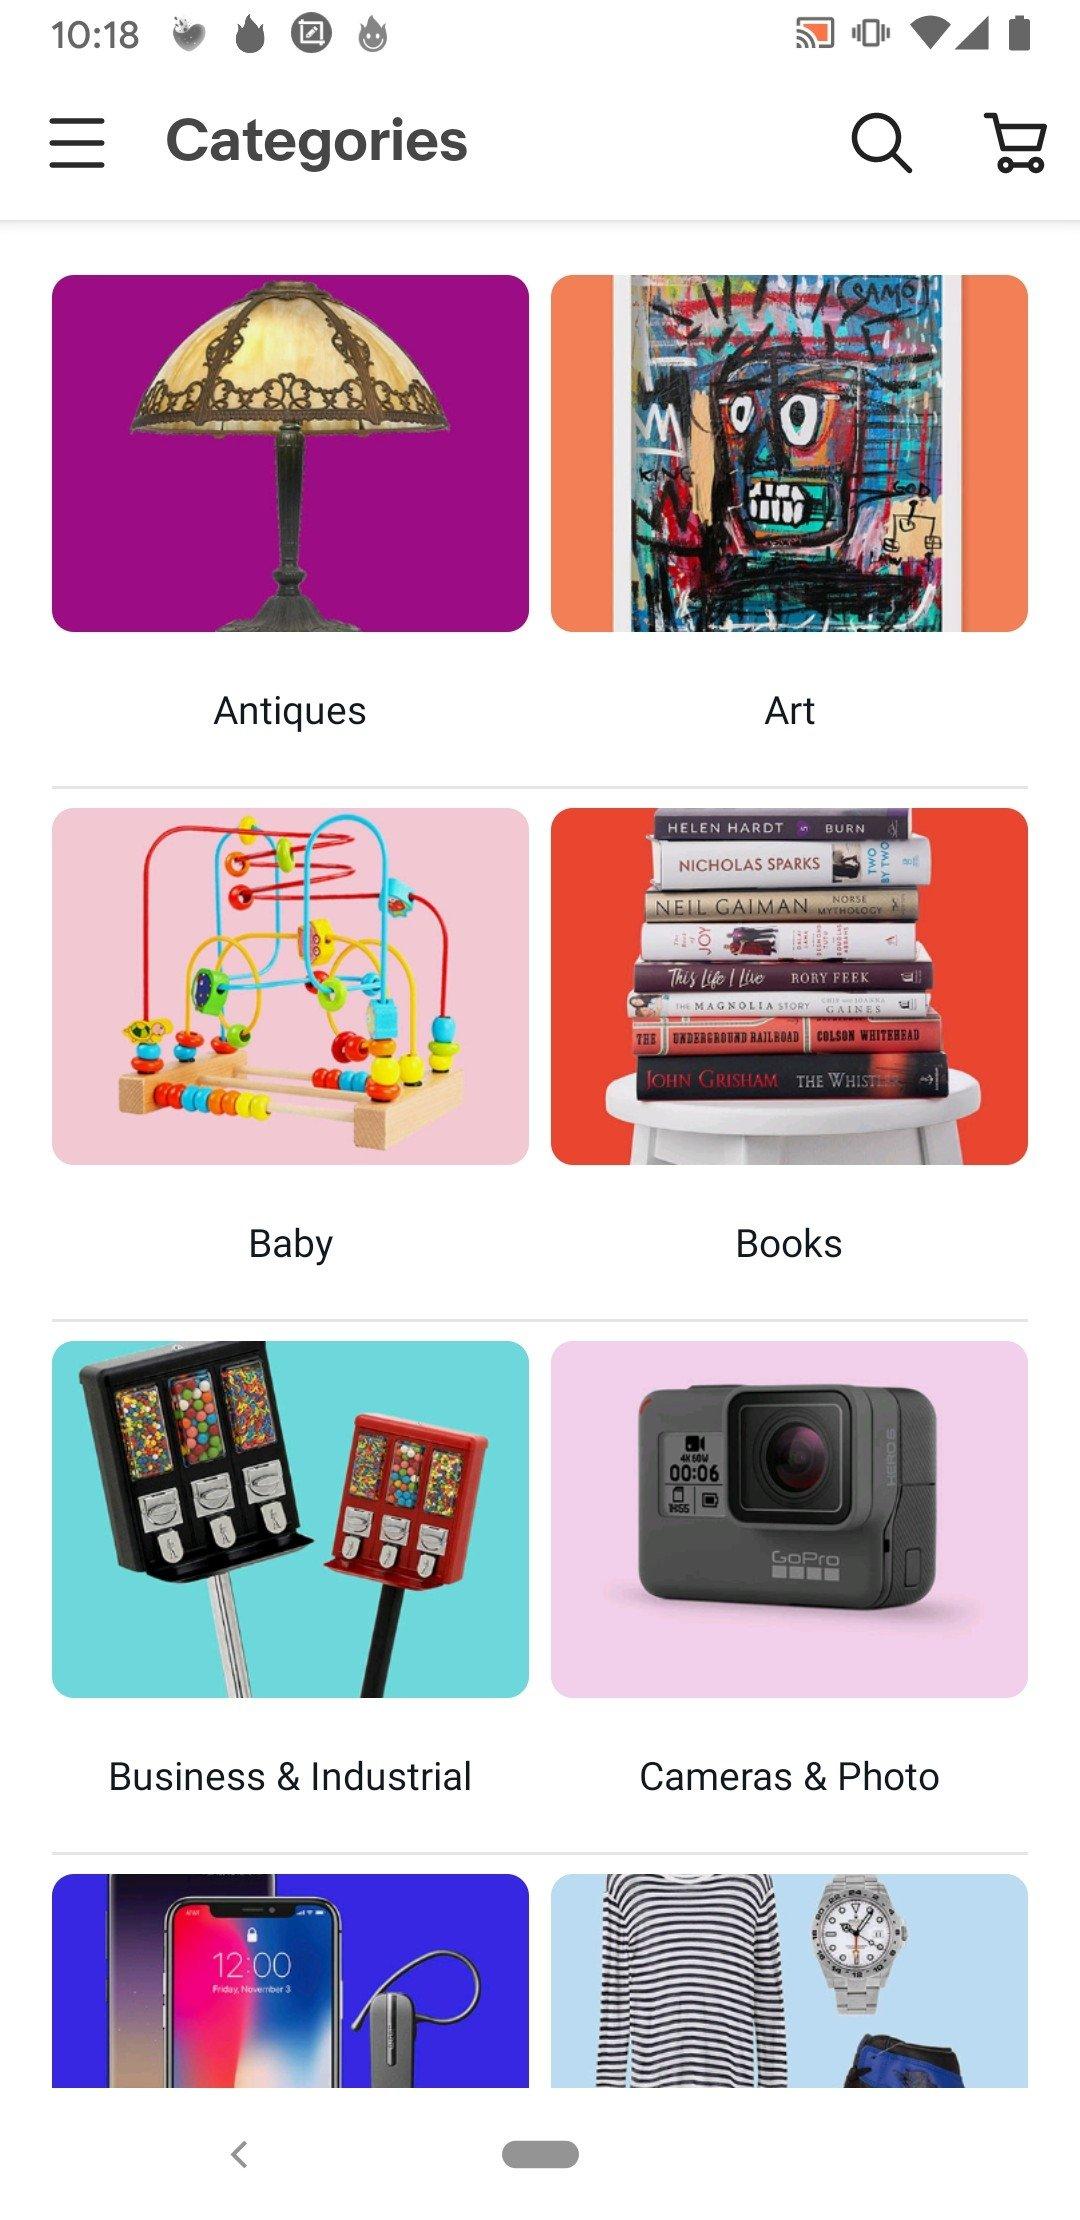 Ebay compra smartphone arredamento altro in italiano for Ebay arredamento